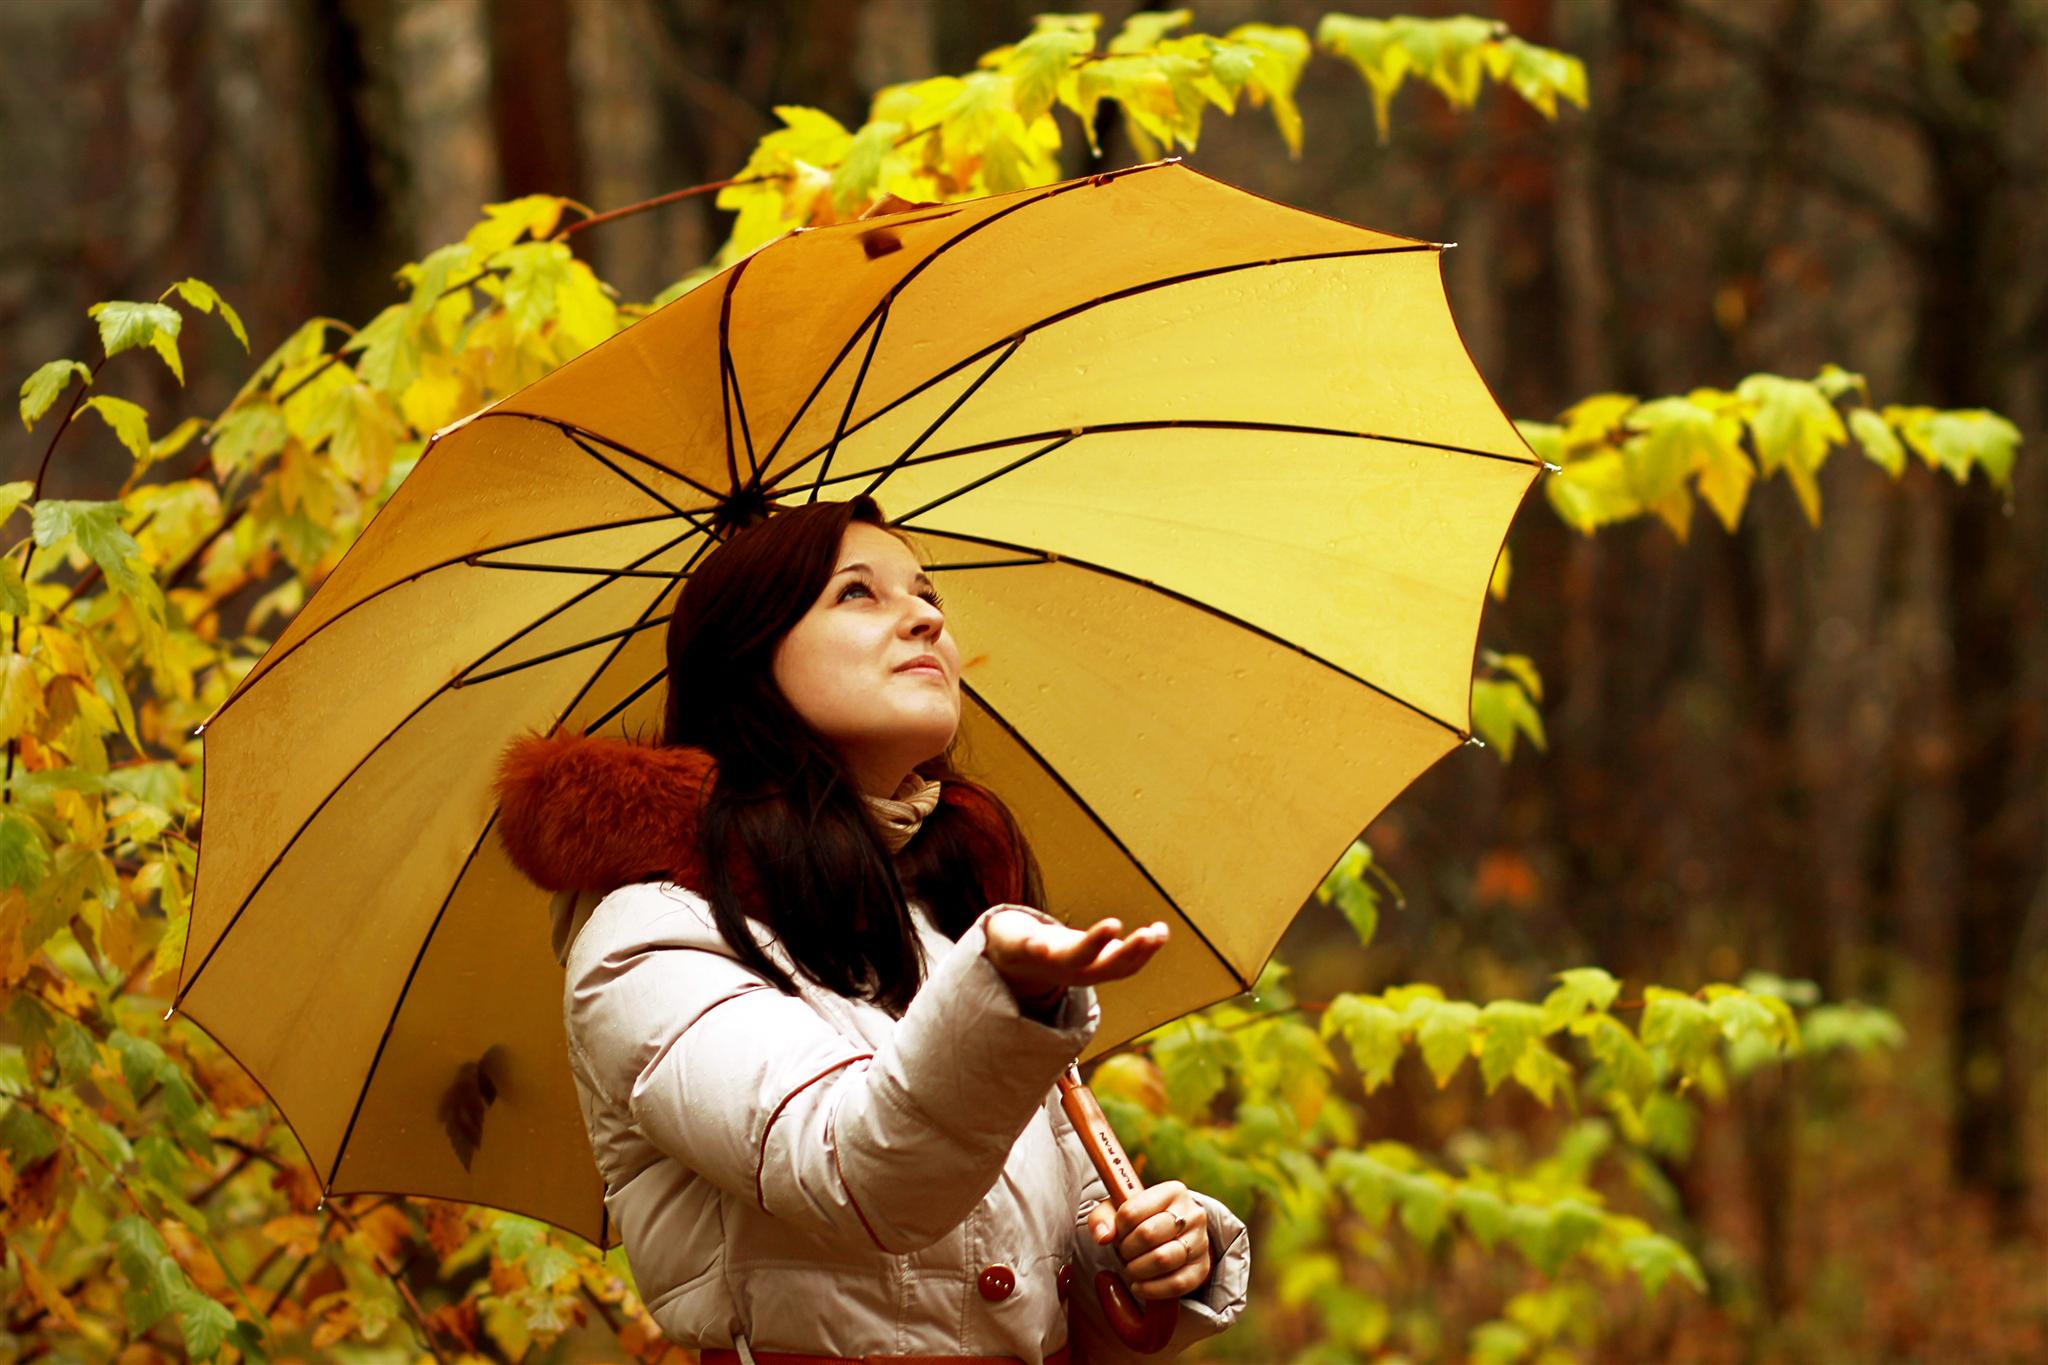 С зонтиком в лесу  № 3394103 бесплатно